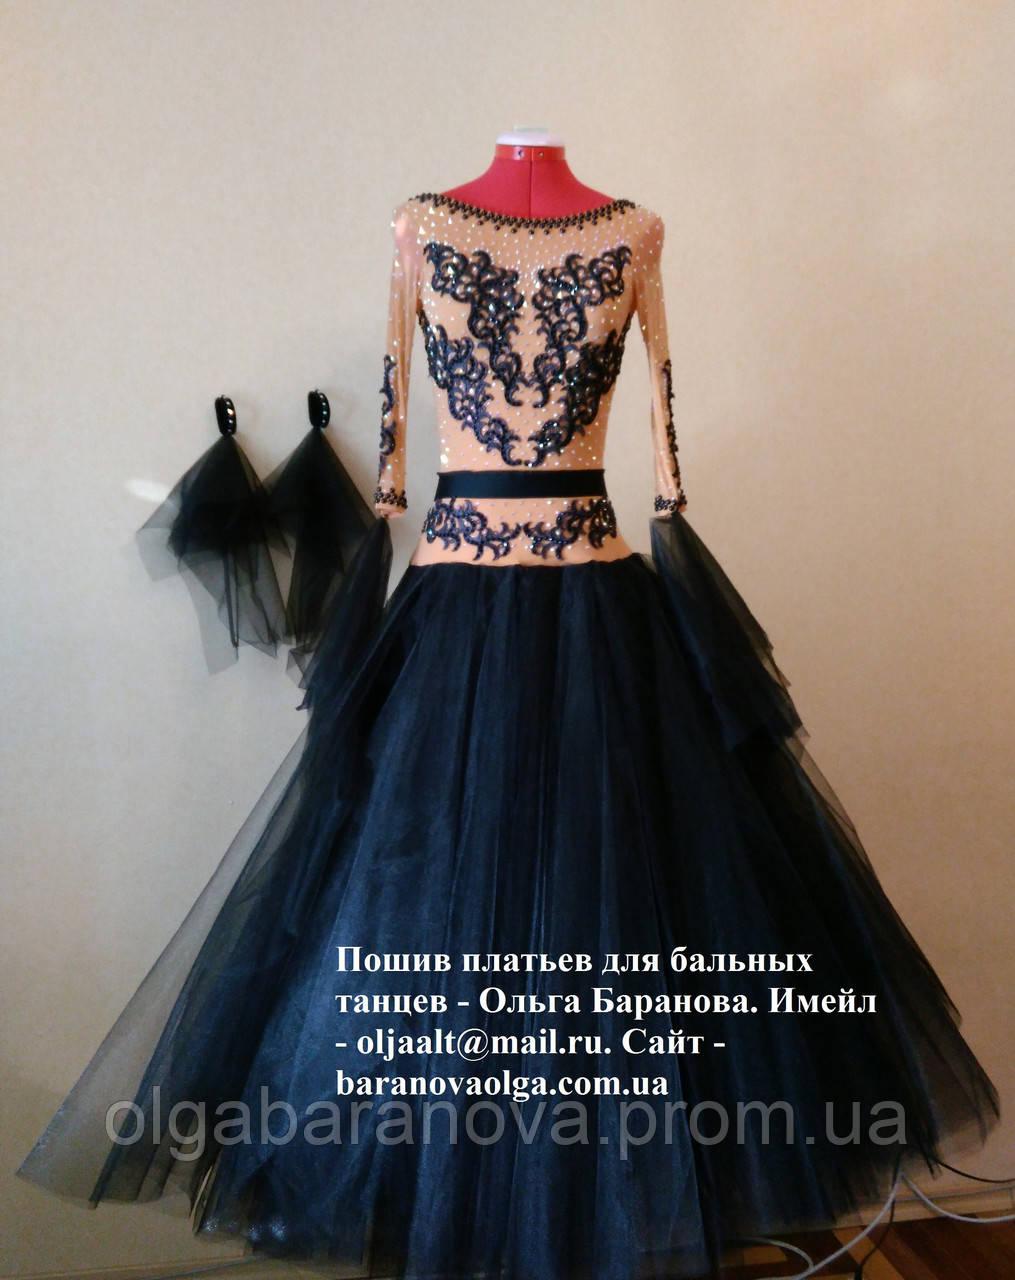 Платья бальные ольга баранова